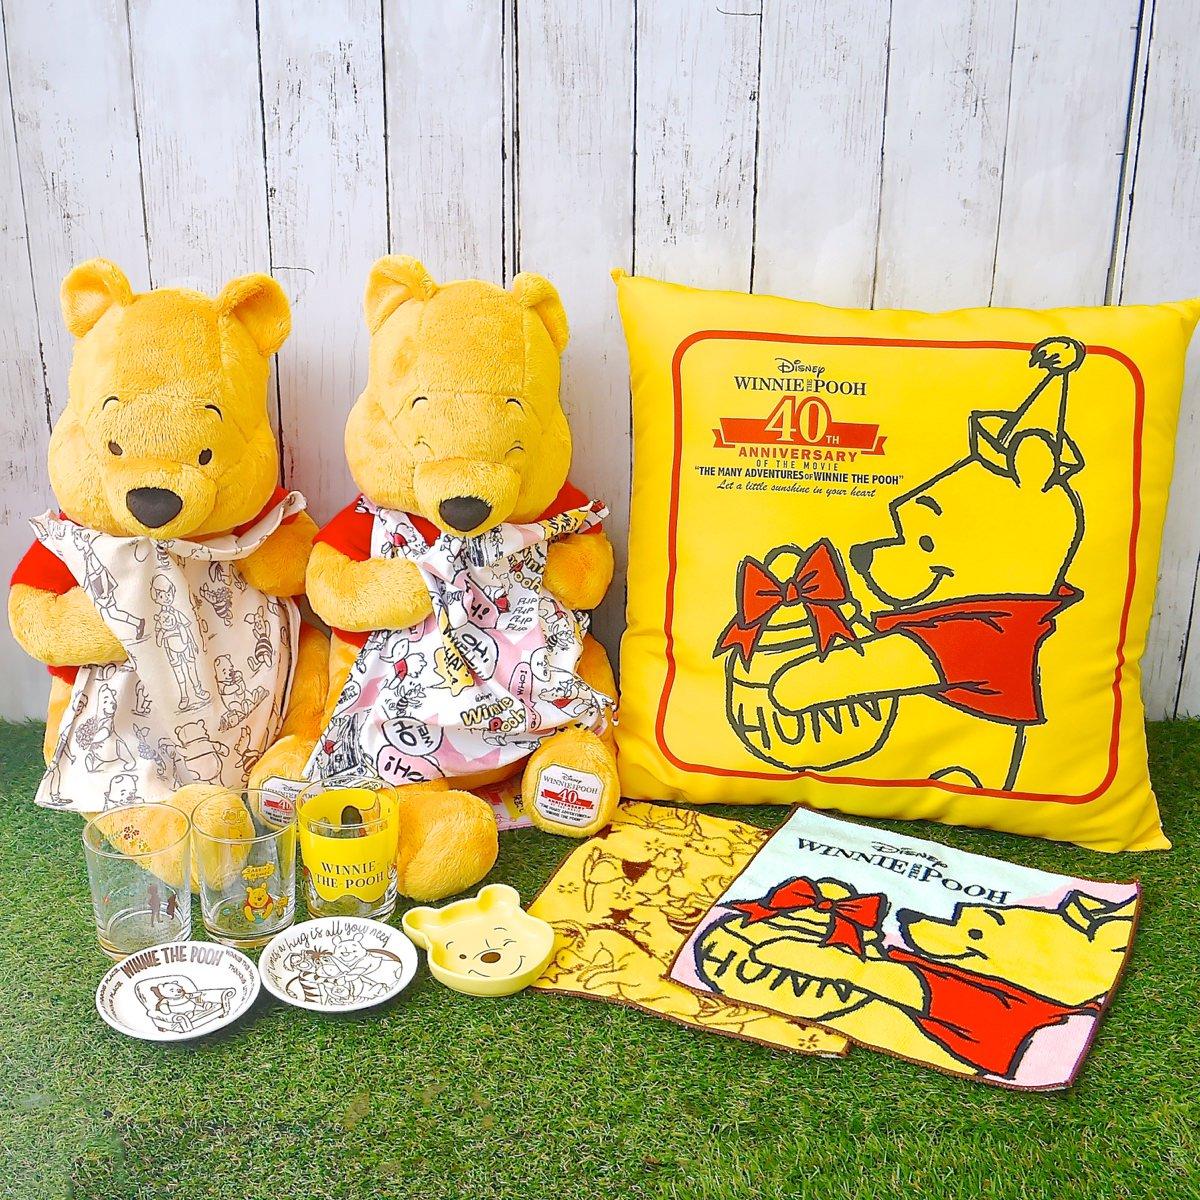 Winnie the pooh thepooh0821 twitter httpdlovemezzomiki20171005banpresto ichibankuji winnie the pooh 40th picitterkjrn2vb7ec voltagebd Gallery